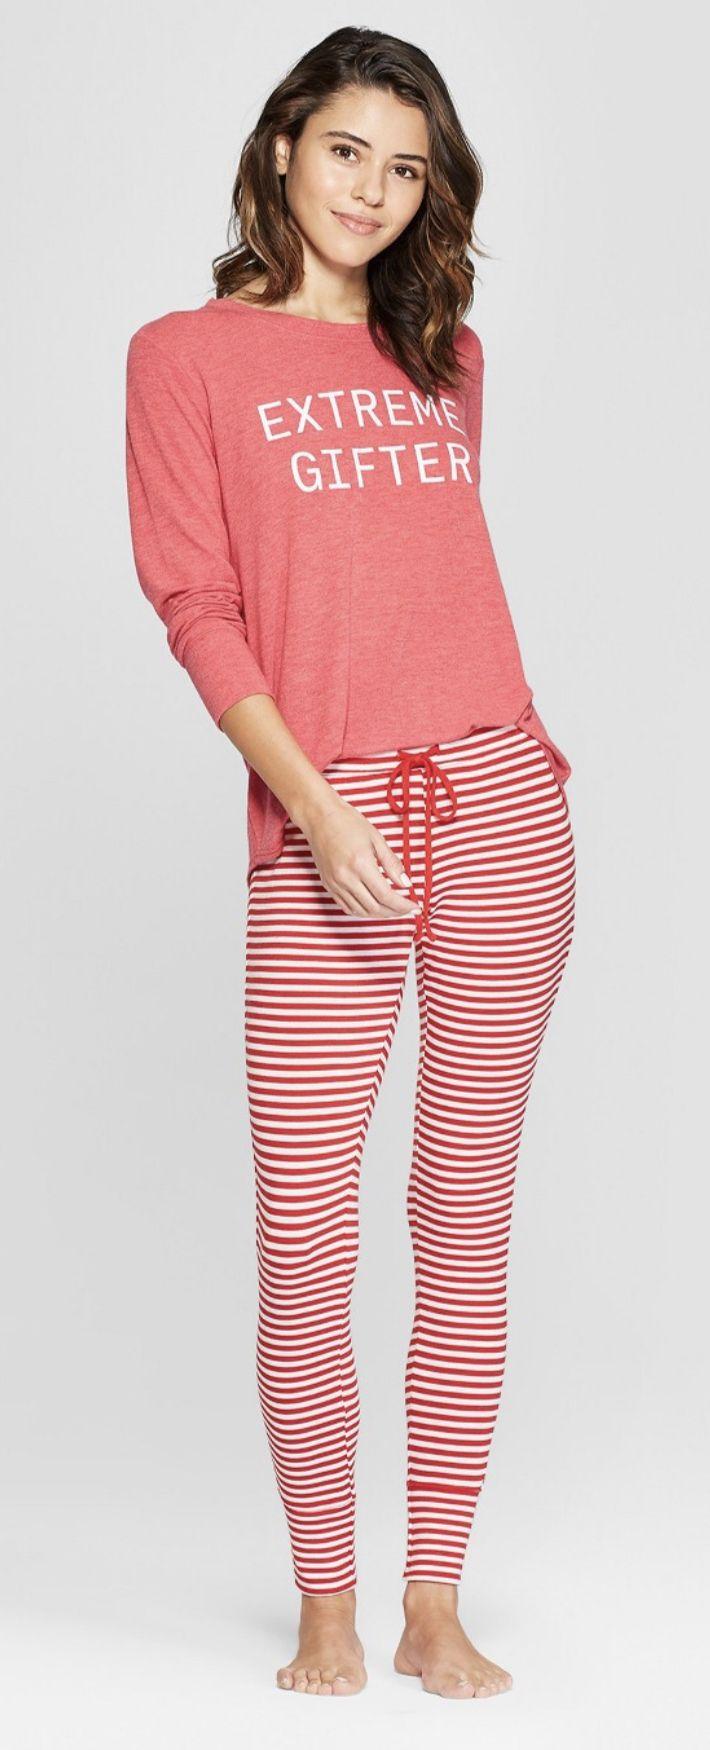 Christmas Pajamas Extreme Gifter Pajama set, Cozy